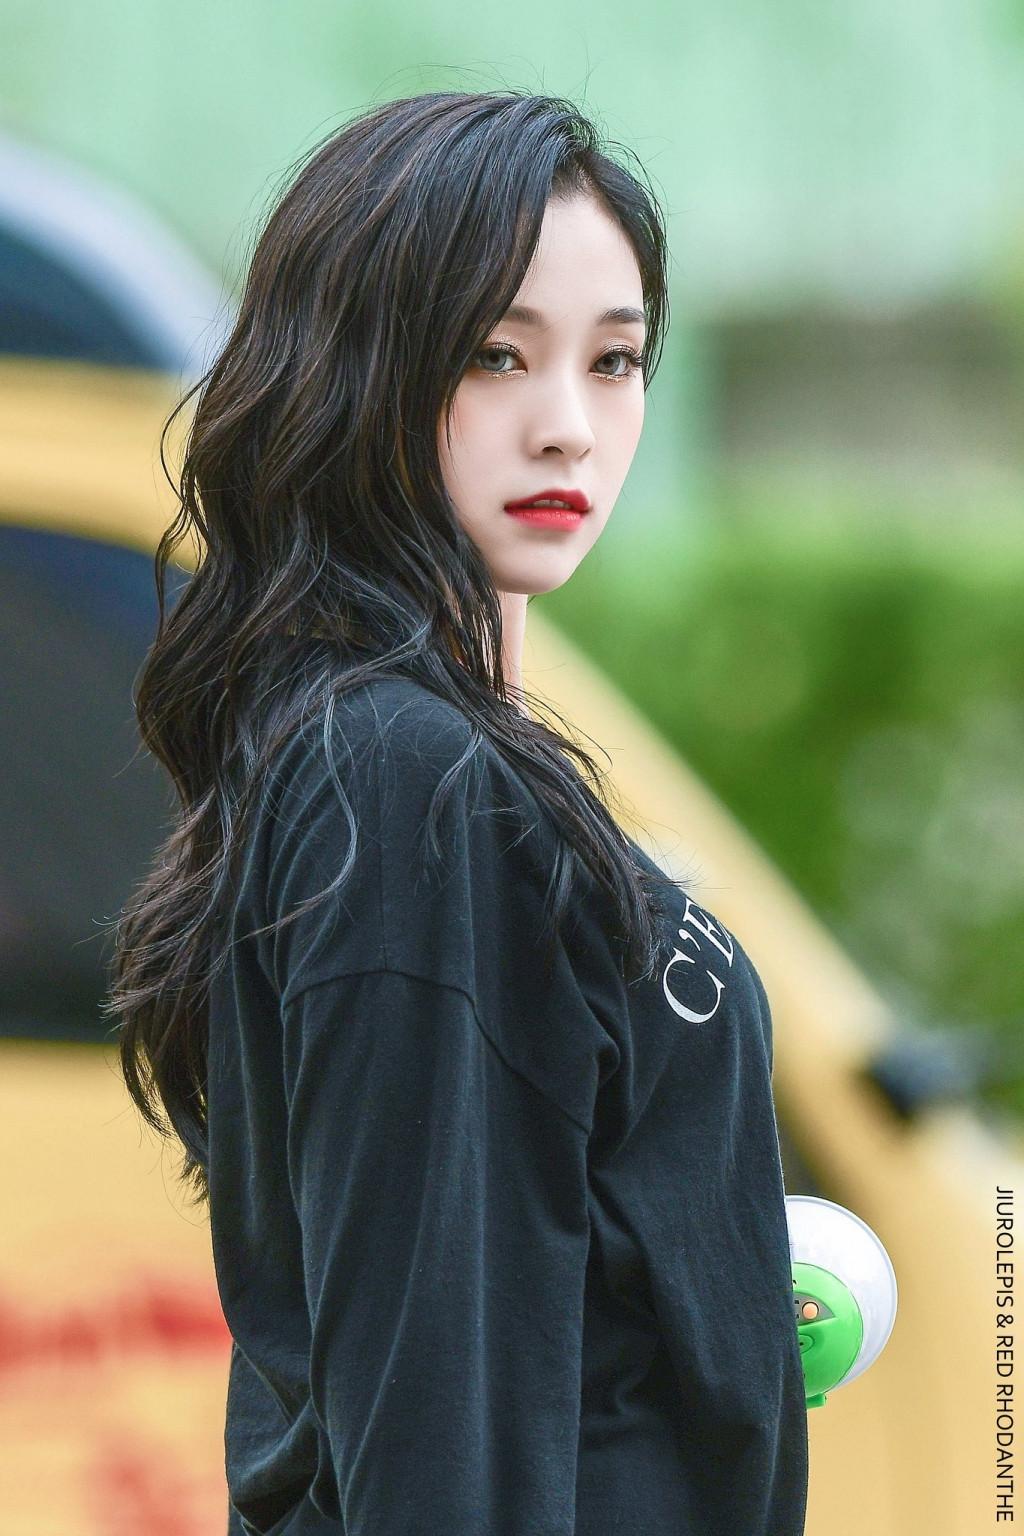 Thêm một ca sĩ K-pop bị dương tính Covid-19 khiến làng giải trí Hàn Quốc báo động?